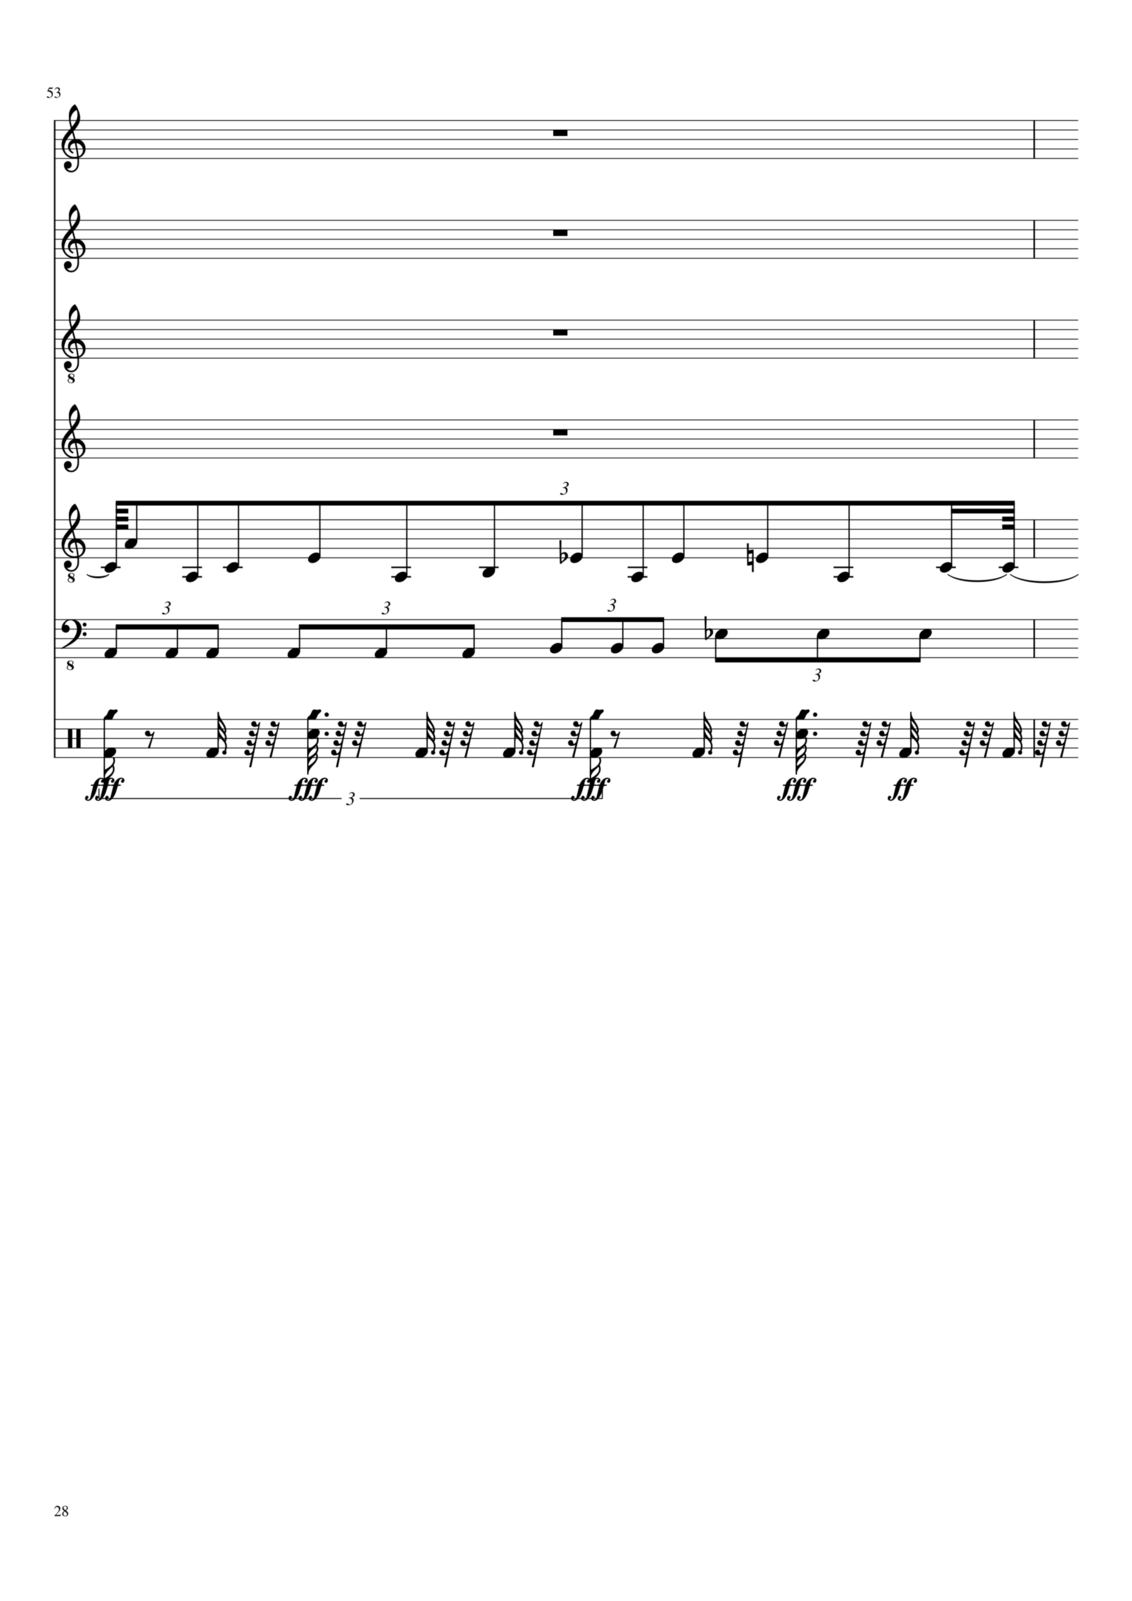 Proschanie s volshebnoy stranoy slide, Image 28